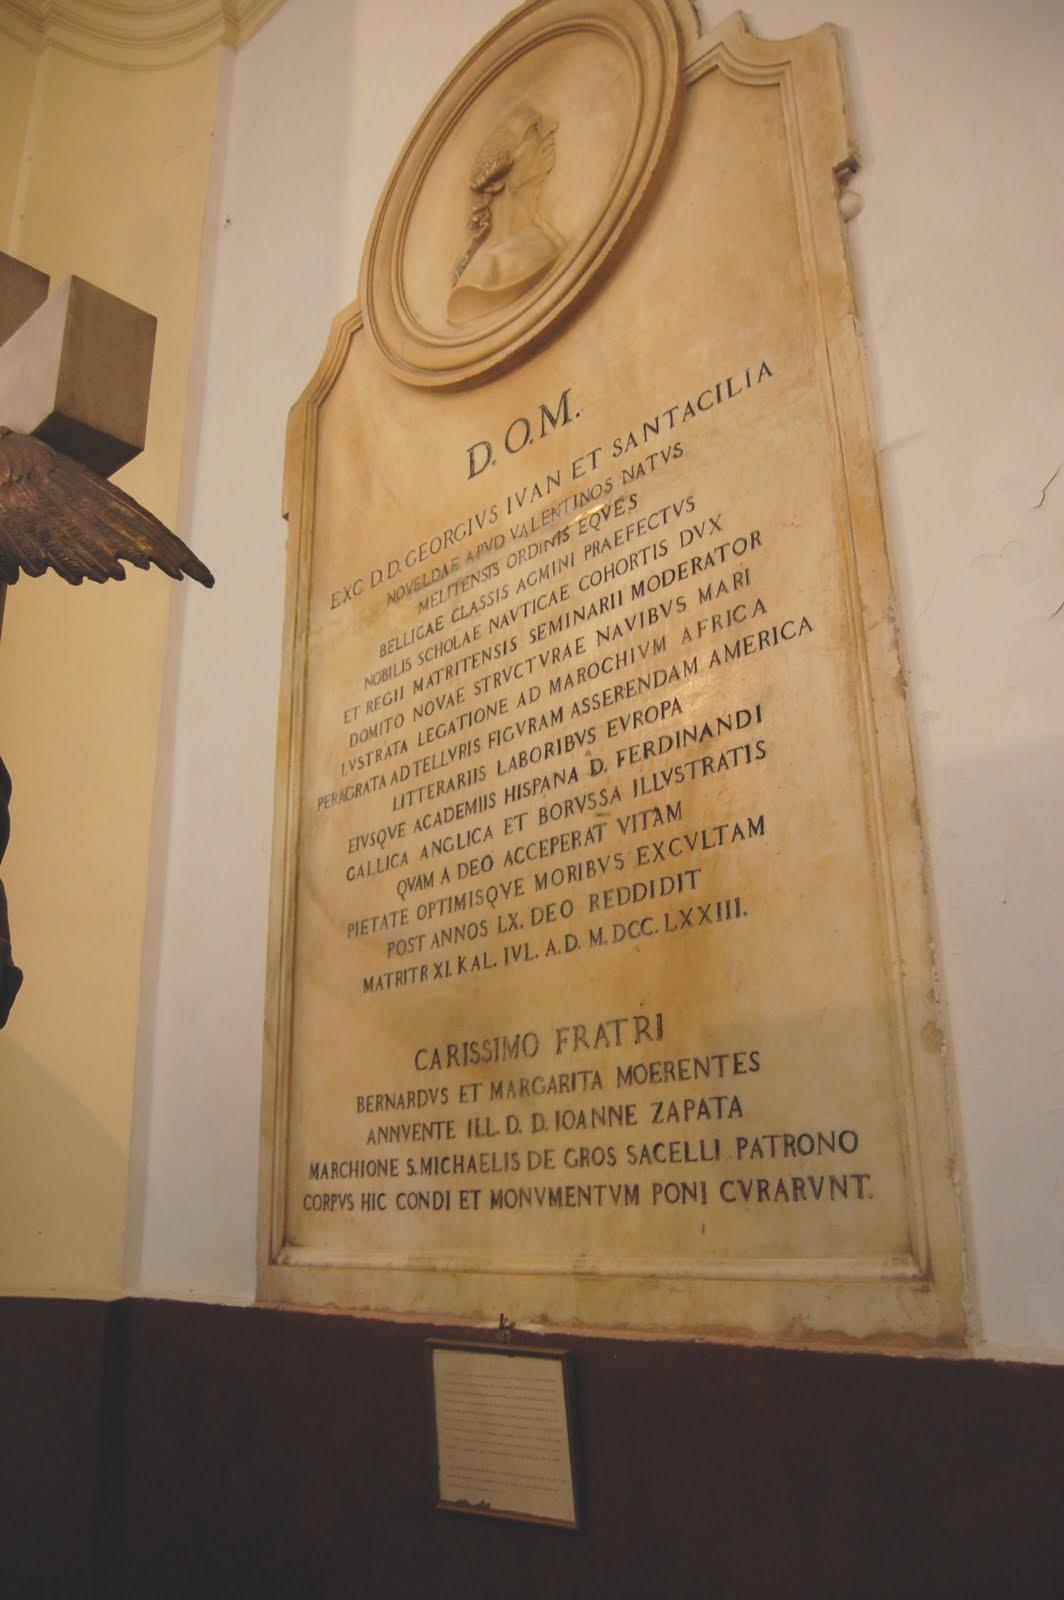 Lapida de Jorge Juan Santacilia, que está enterrado en el Panteón de los Marinos Ilustres, en San Fernando (Cádiz). Fuente: alicantevivotest.files.wordpress.com